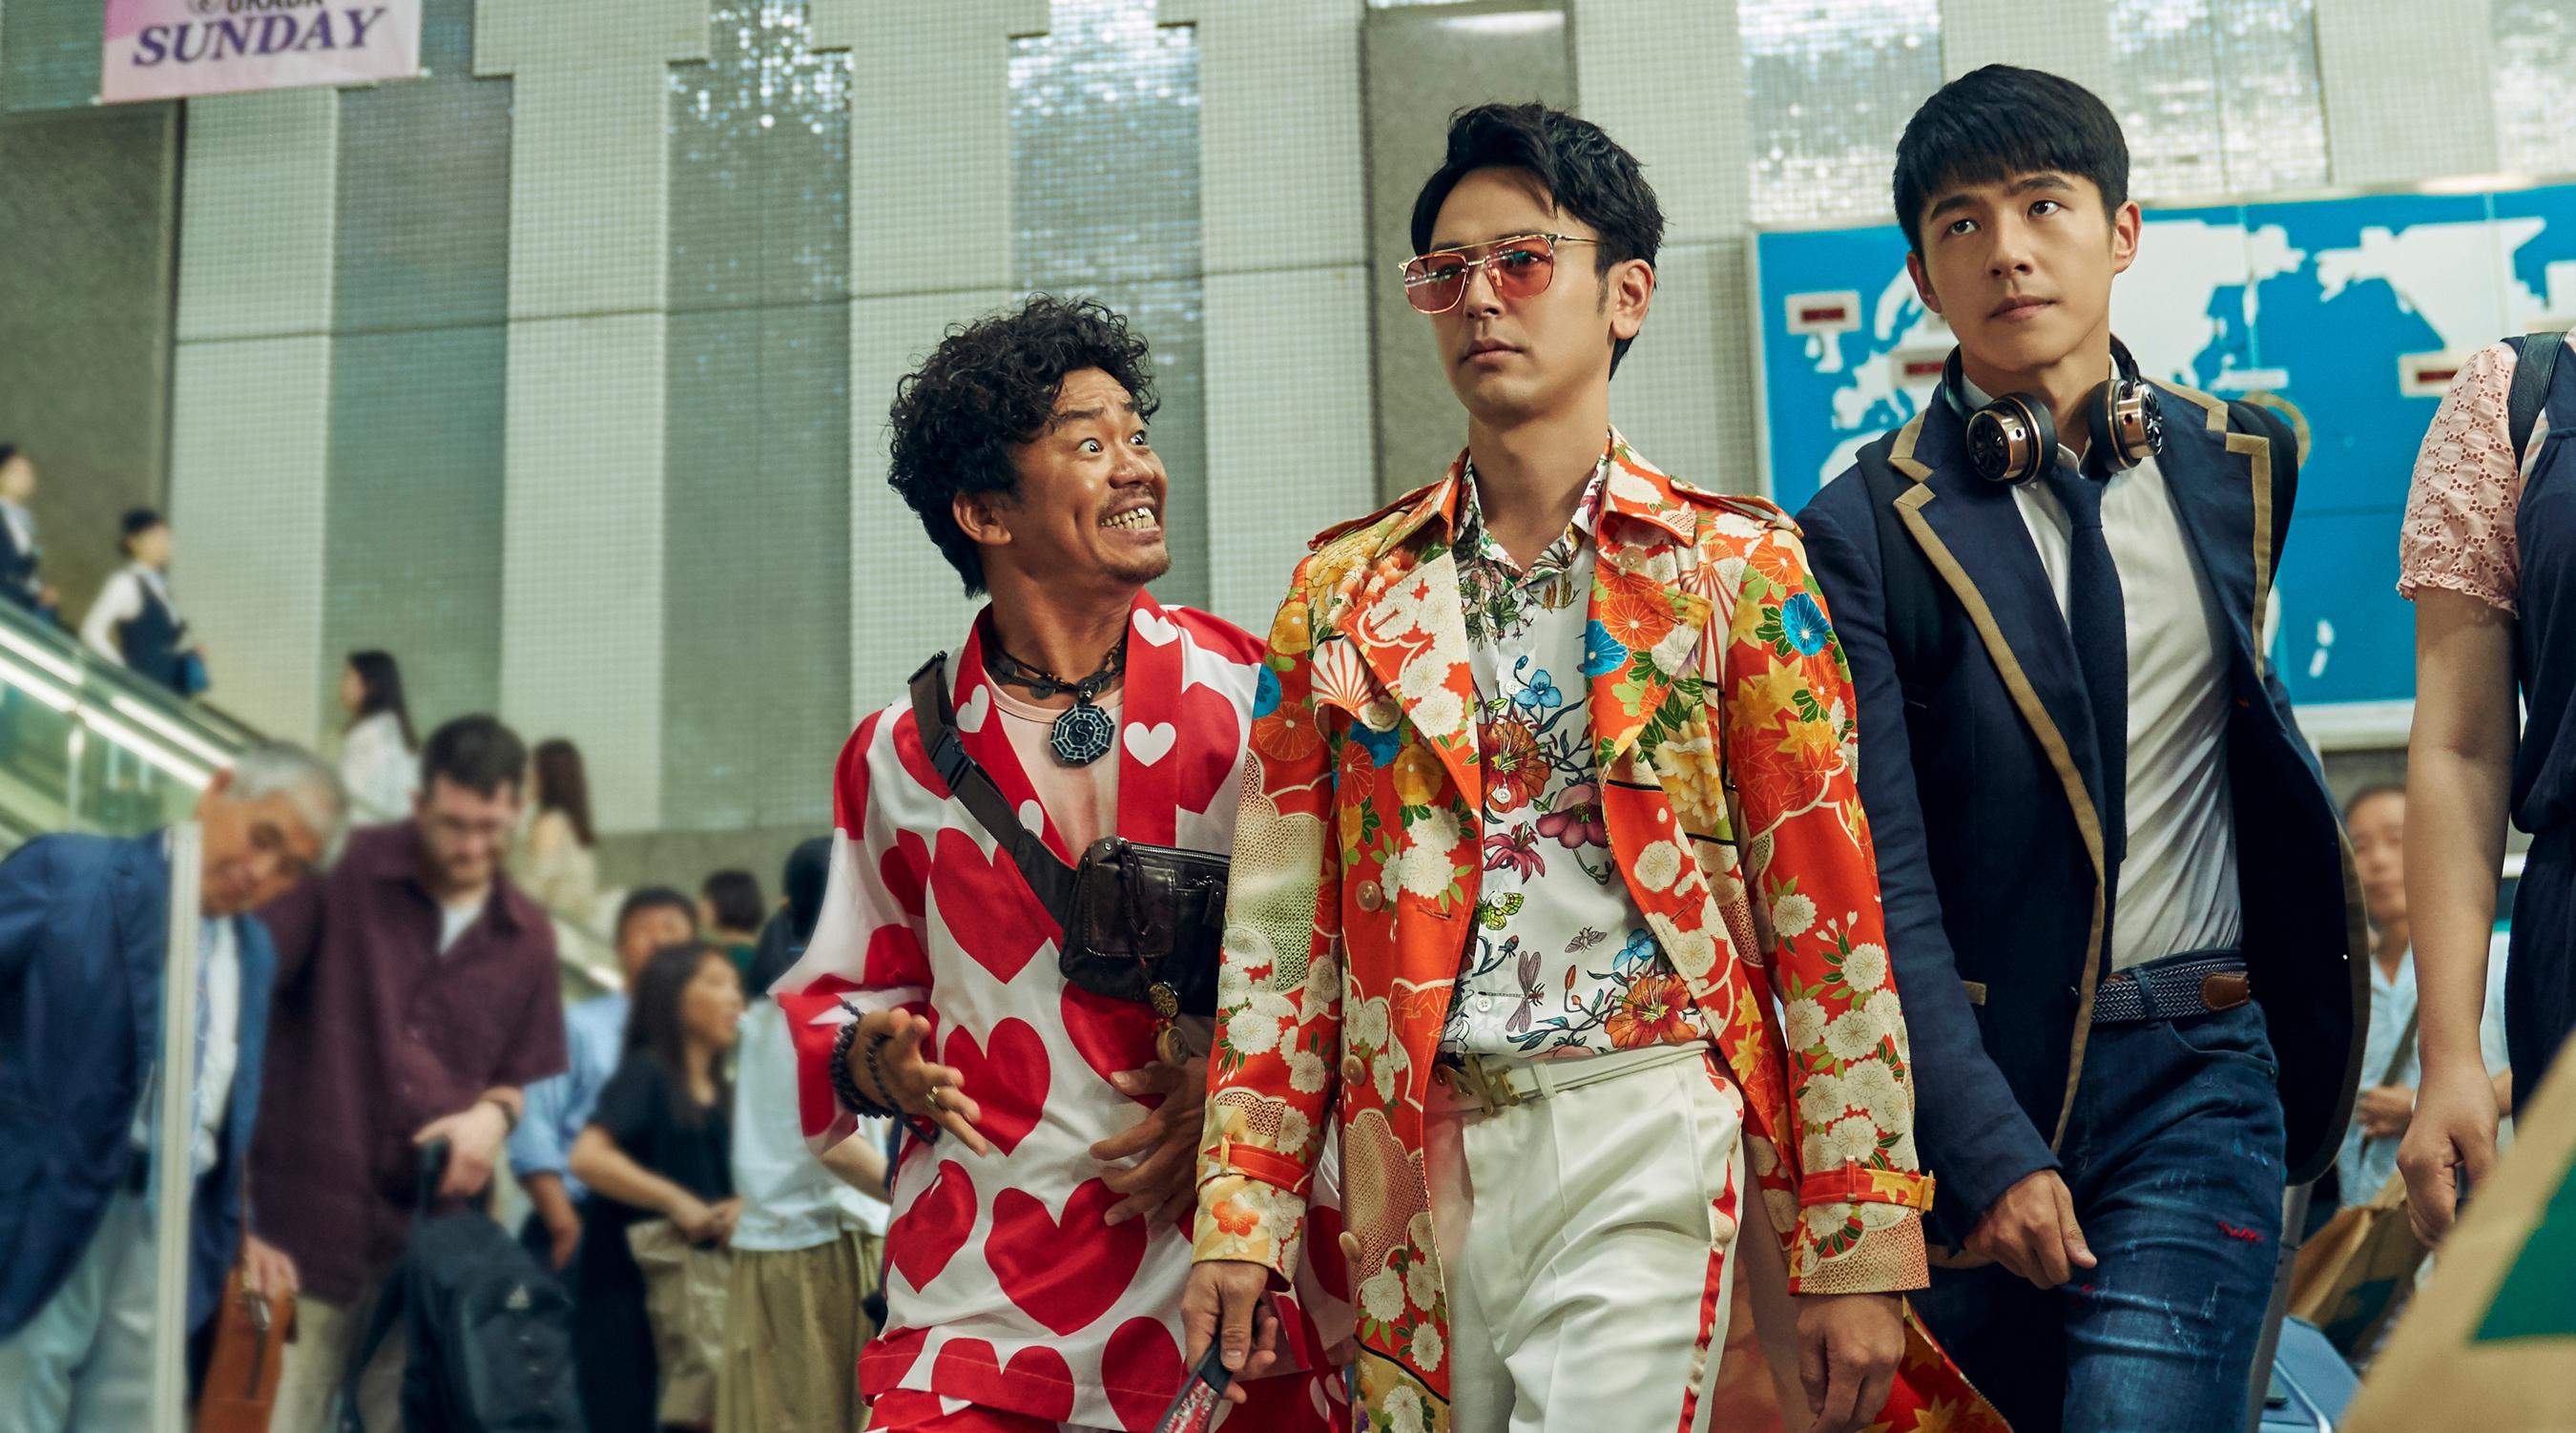 《唐人街侦探3》透露最终预测刘保强·浩然遭遇密室疑难案件